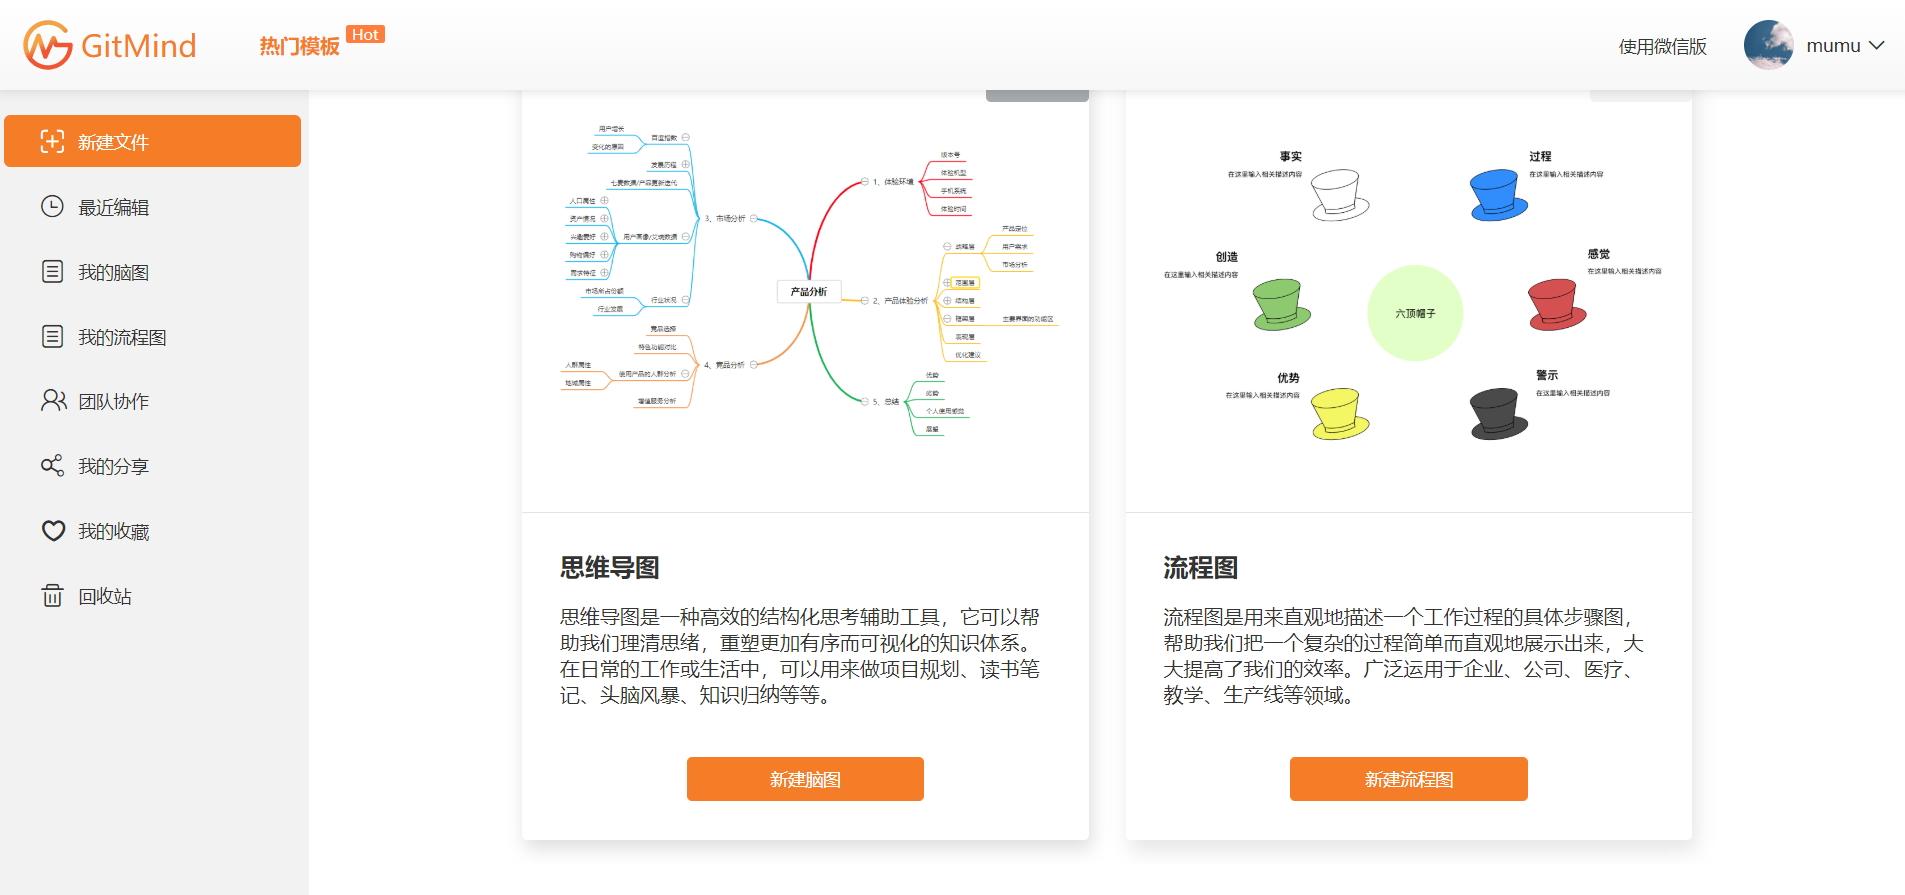 GitMind:简单轻便、云端智能思维导图、流程图一体化工具